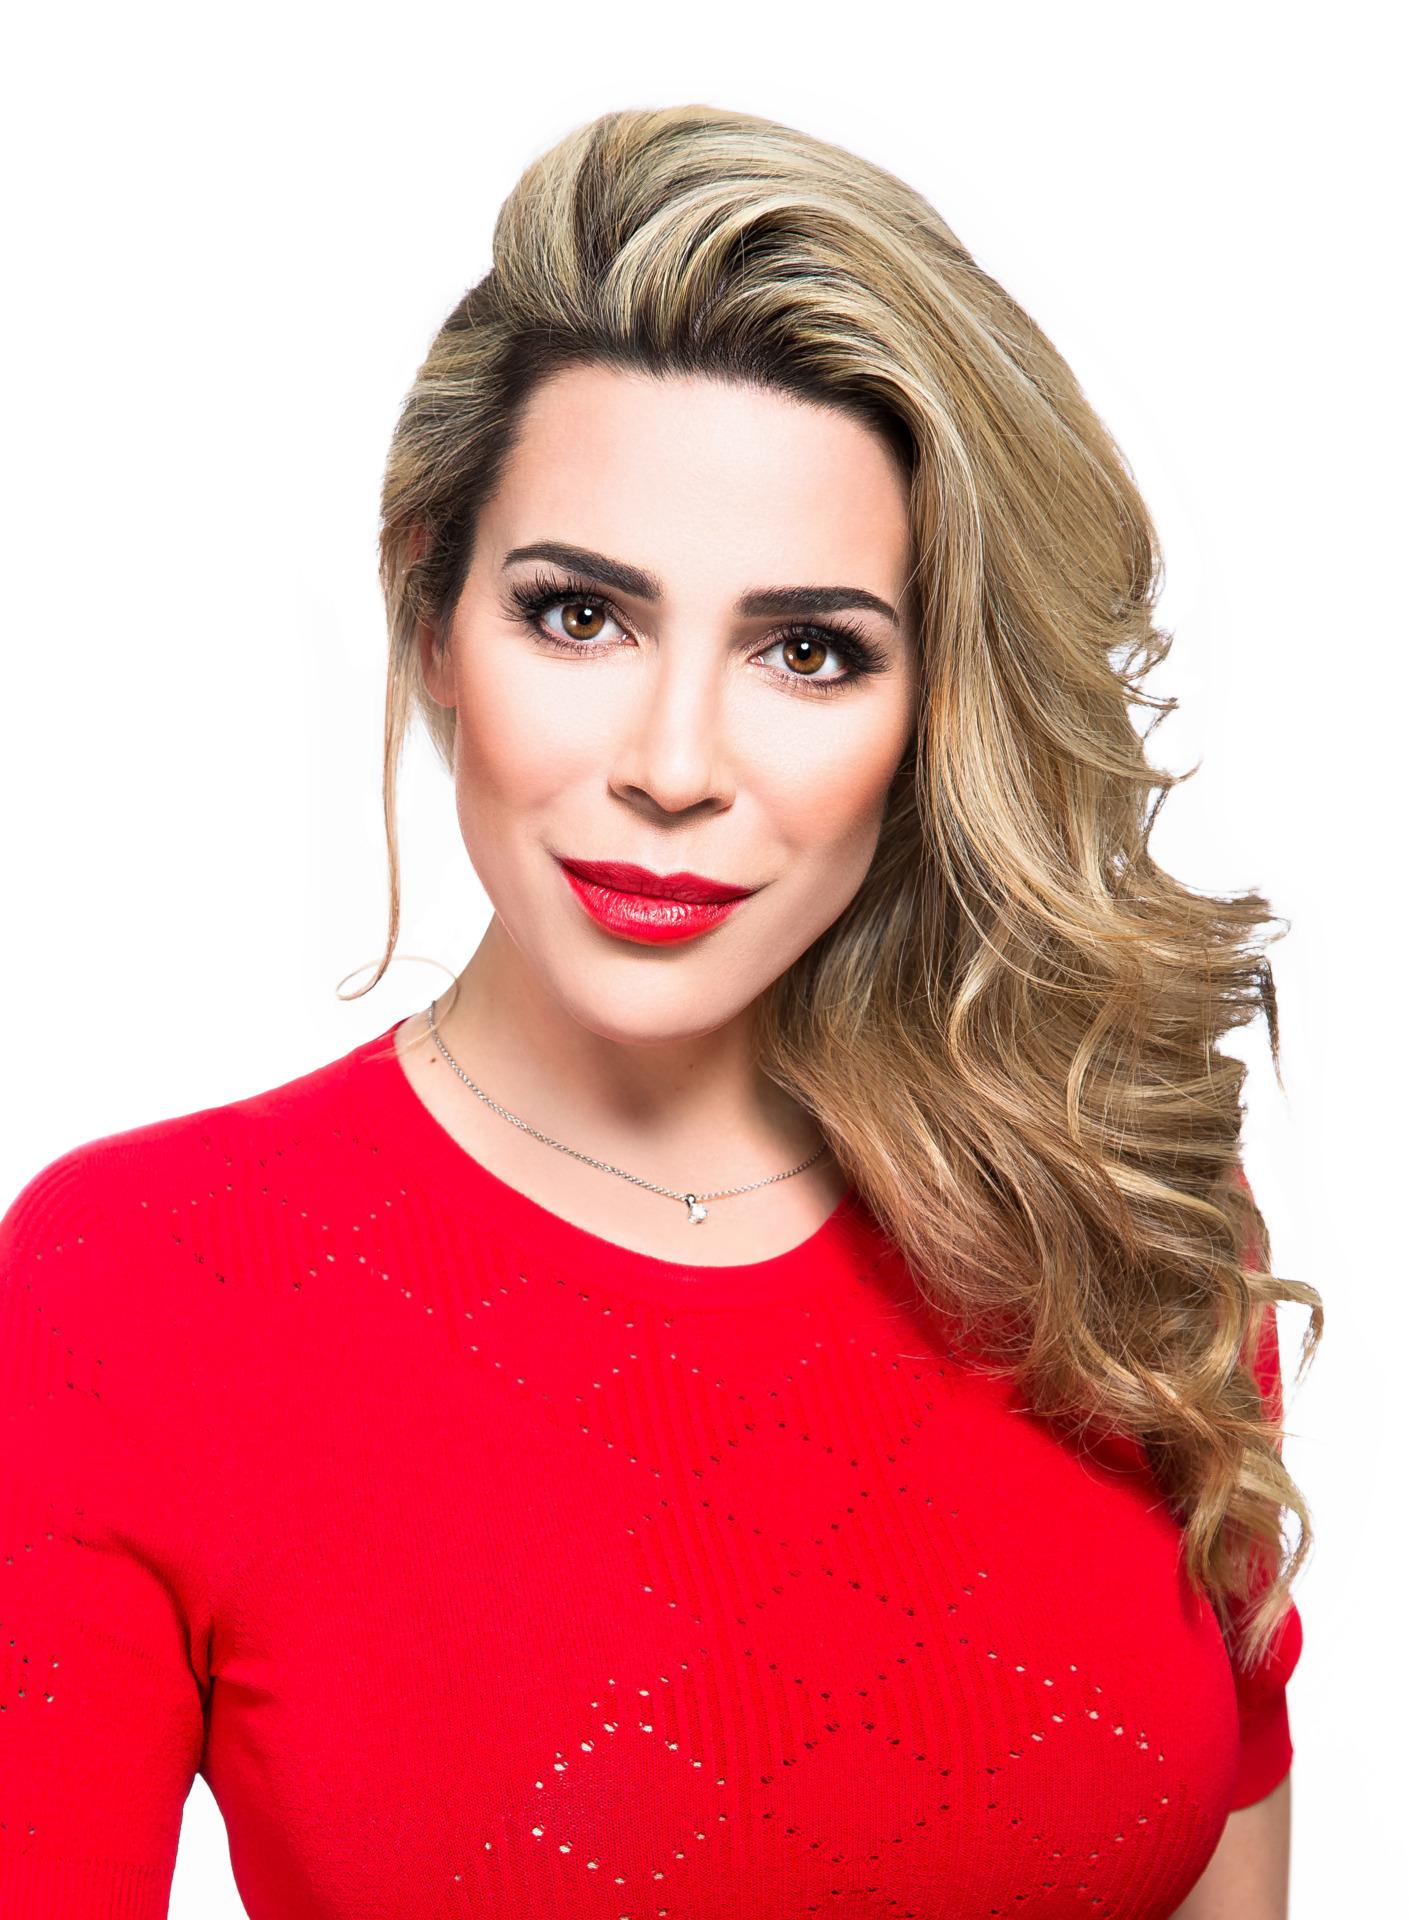 Botox oder Retinol? Ästhetische Dermatologie als Erfolgsfaktor bei Doctor Mi! - Miriam Rehbein #637